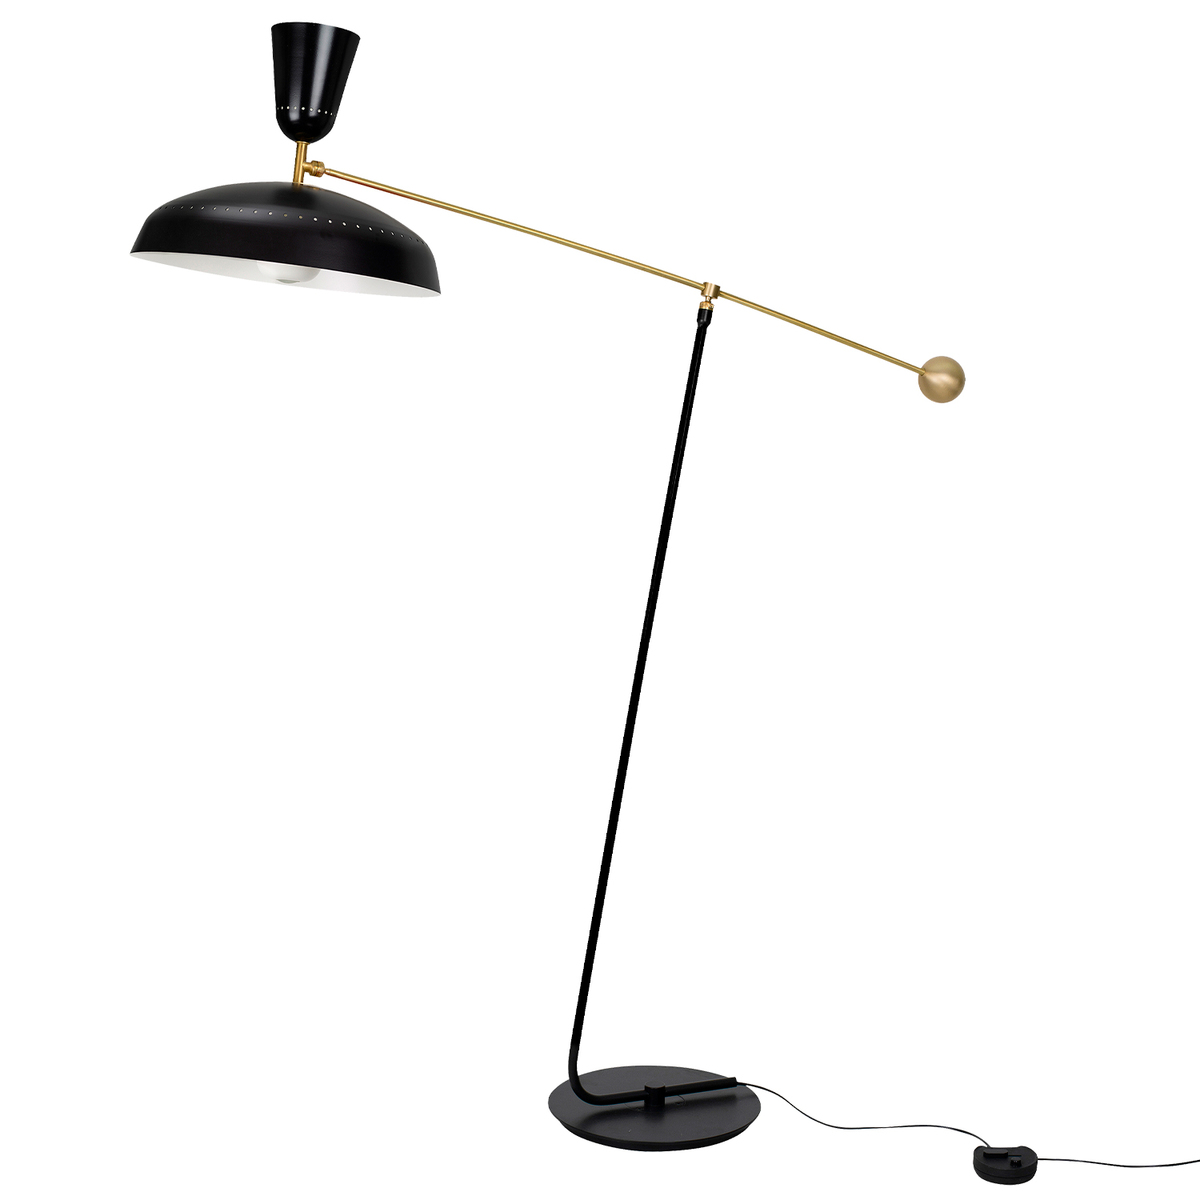 Sammode G1 Floor Lamp, Black